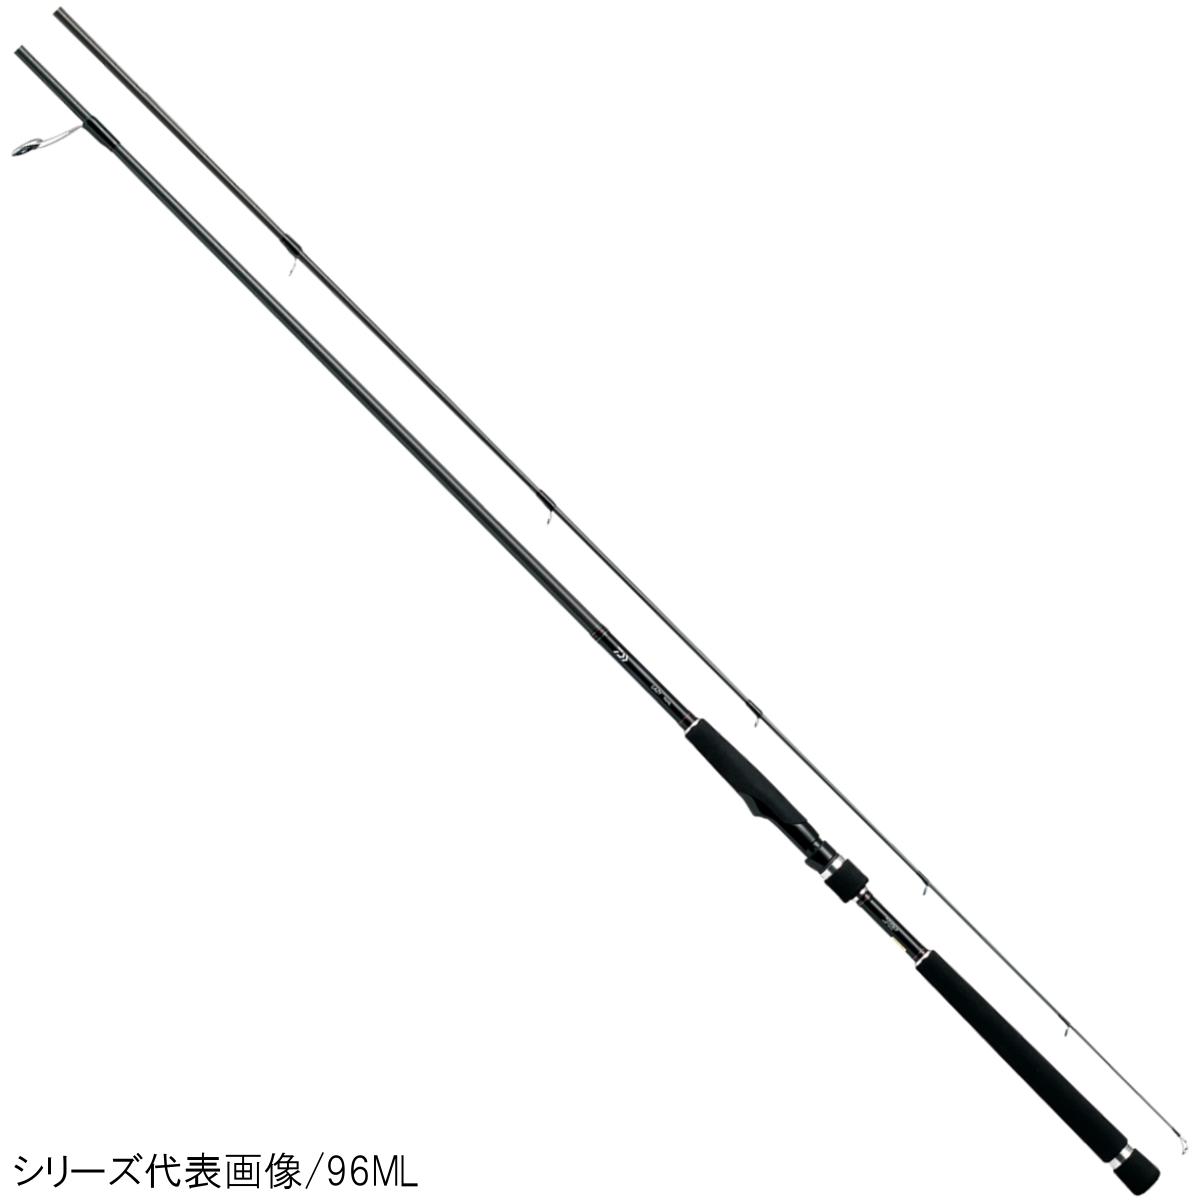 ダイワ レイジー スピニングモデル 96MH【大型商品】(東日本店)